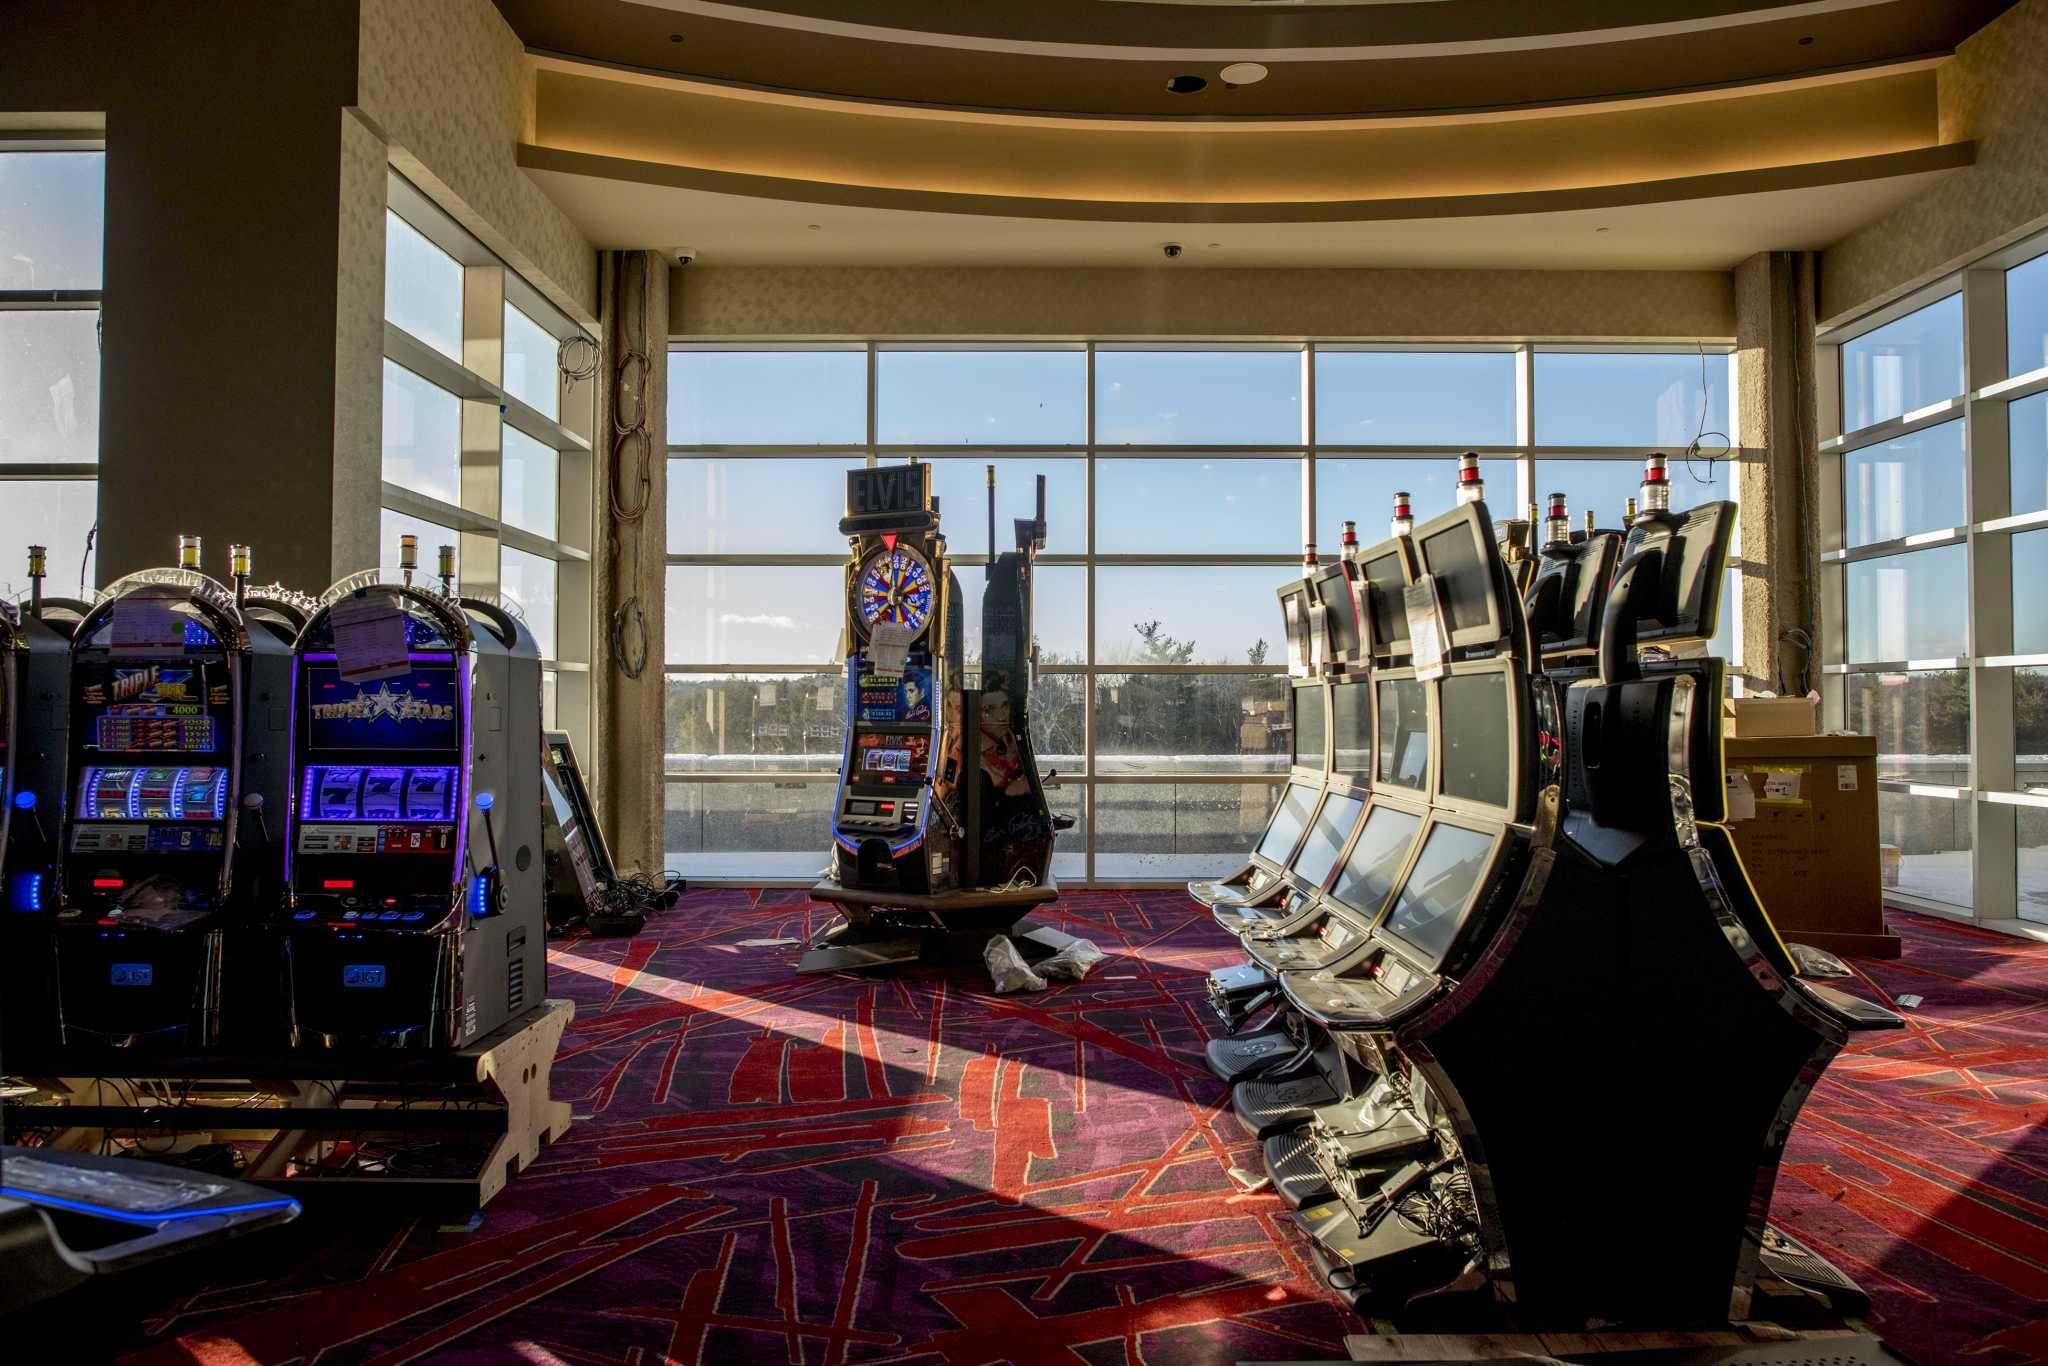 Planet 7 casino $200 no deposit bonus codes 2018